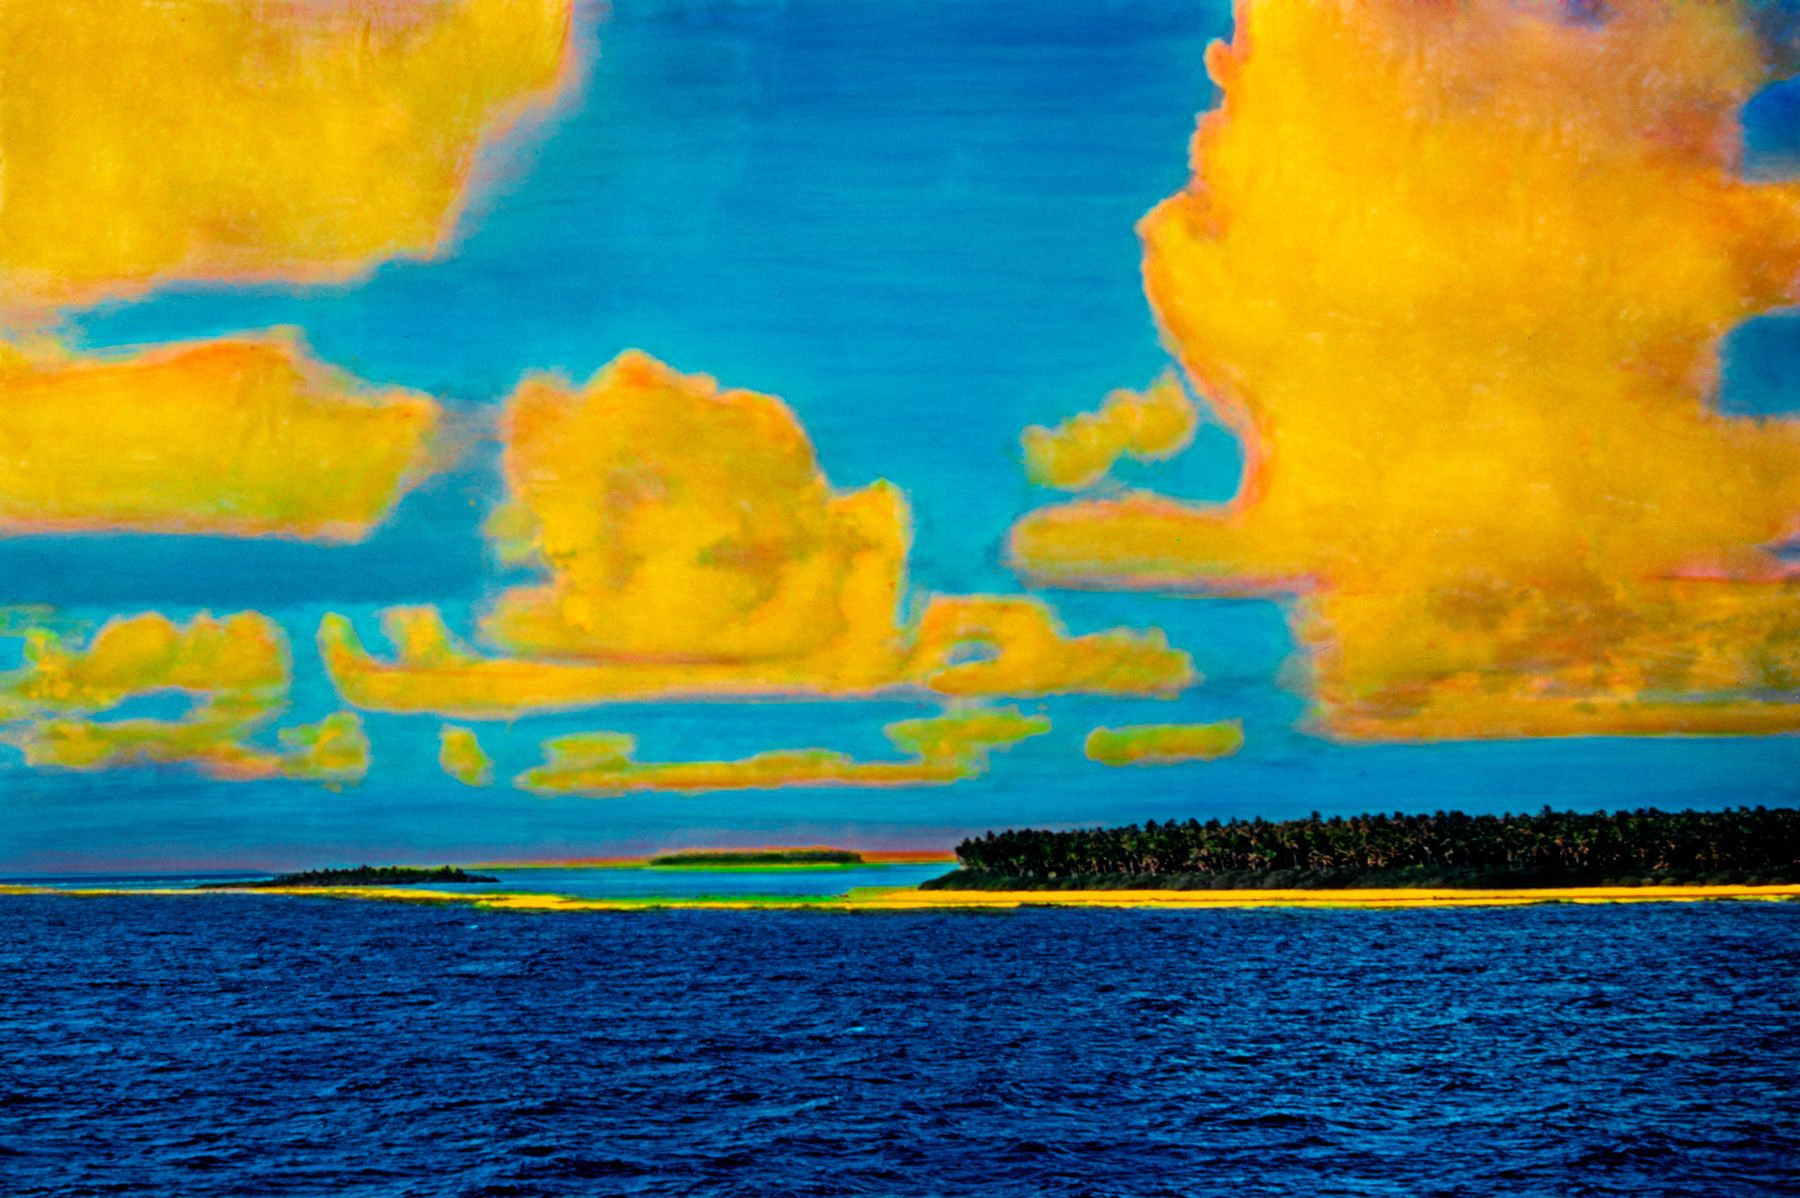 18_0_169_1l_janegottlieb_tahiti_sky.jpg